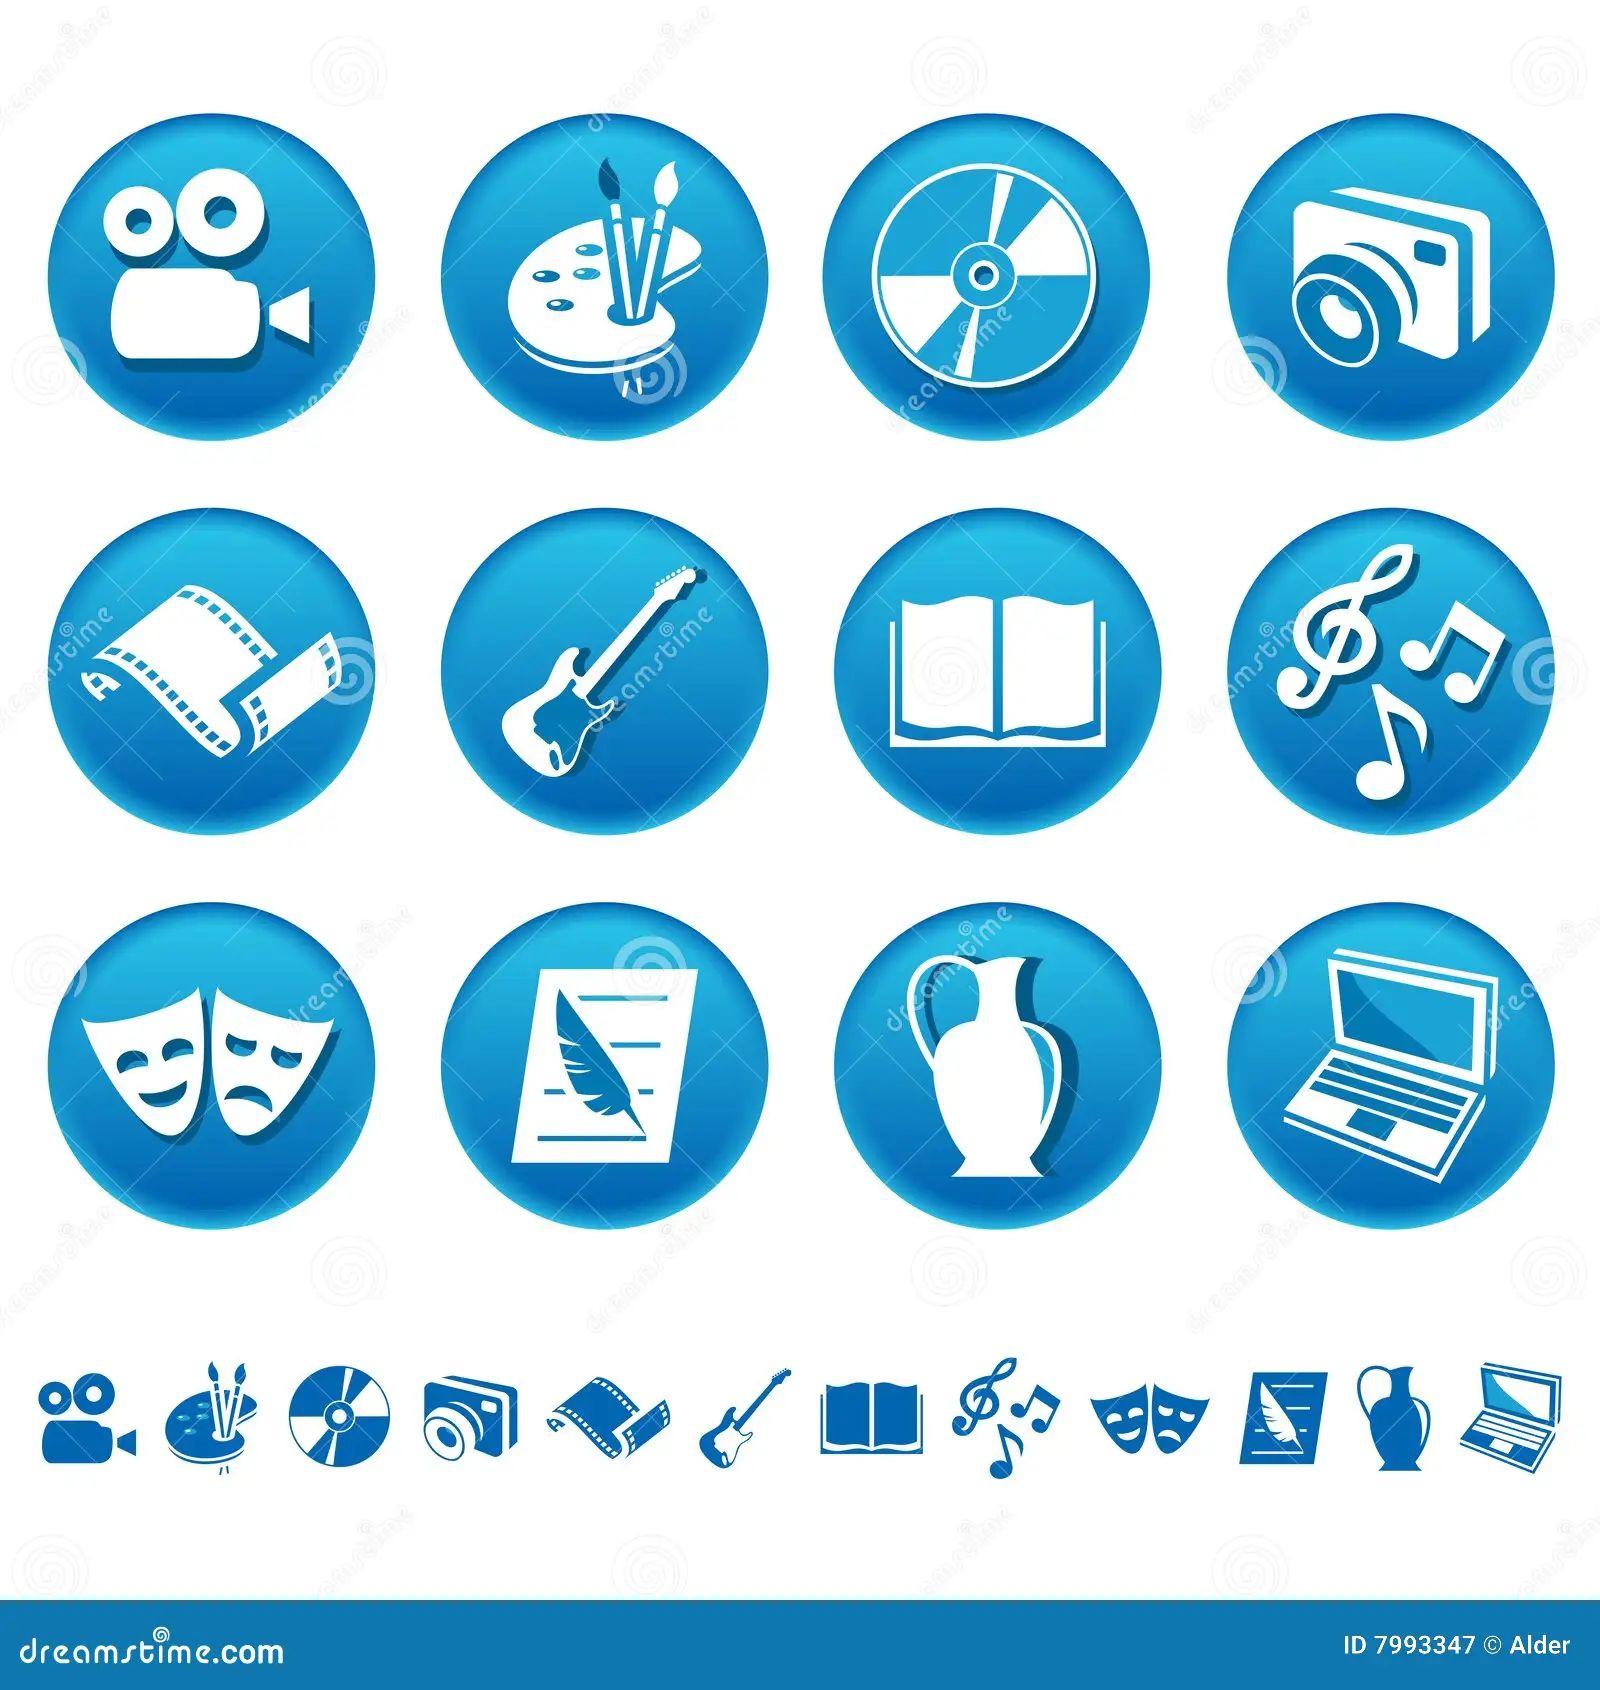 icone cv free